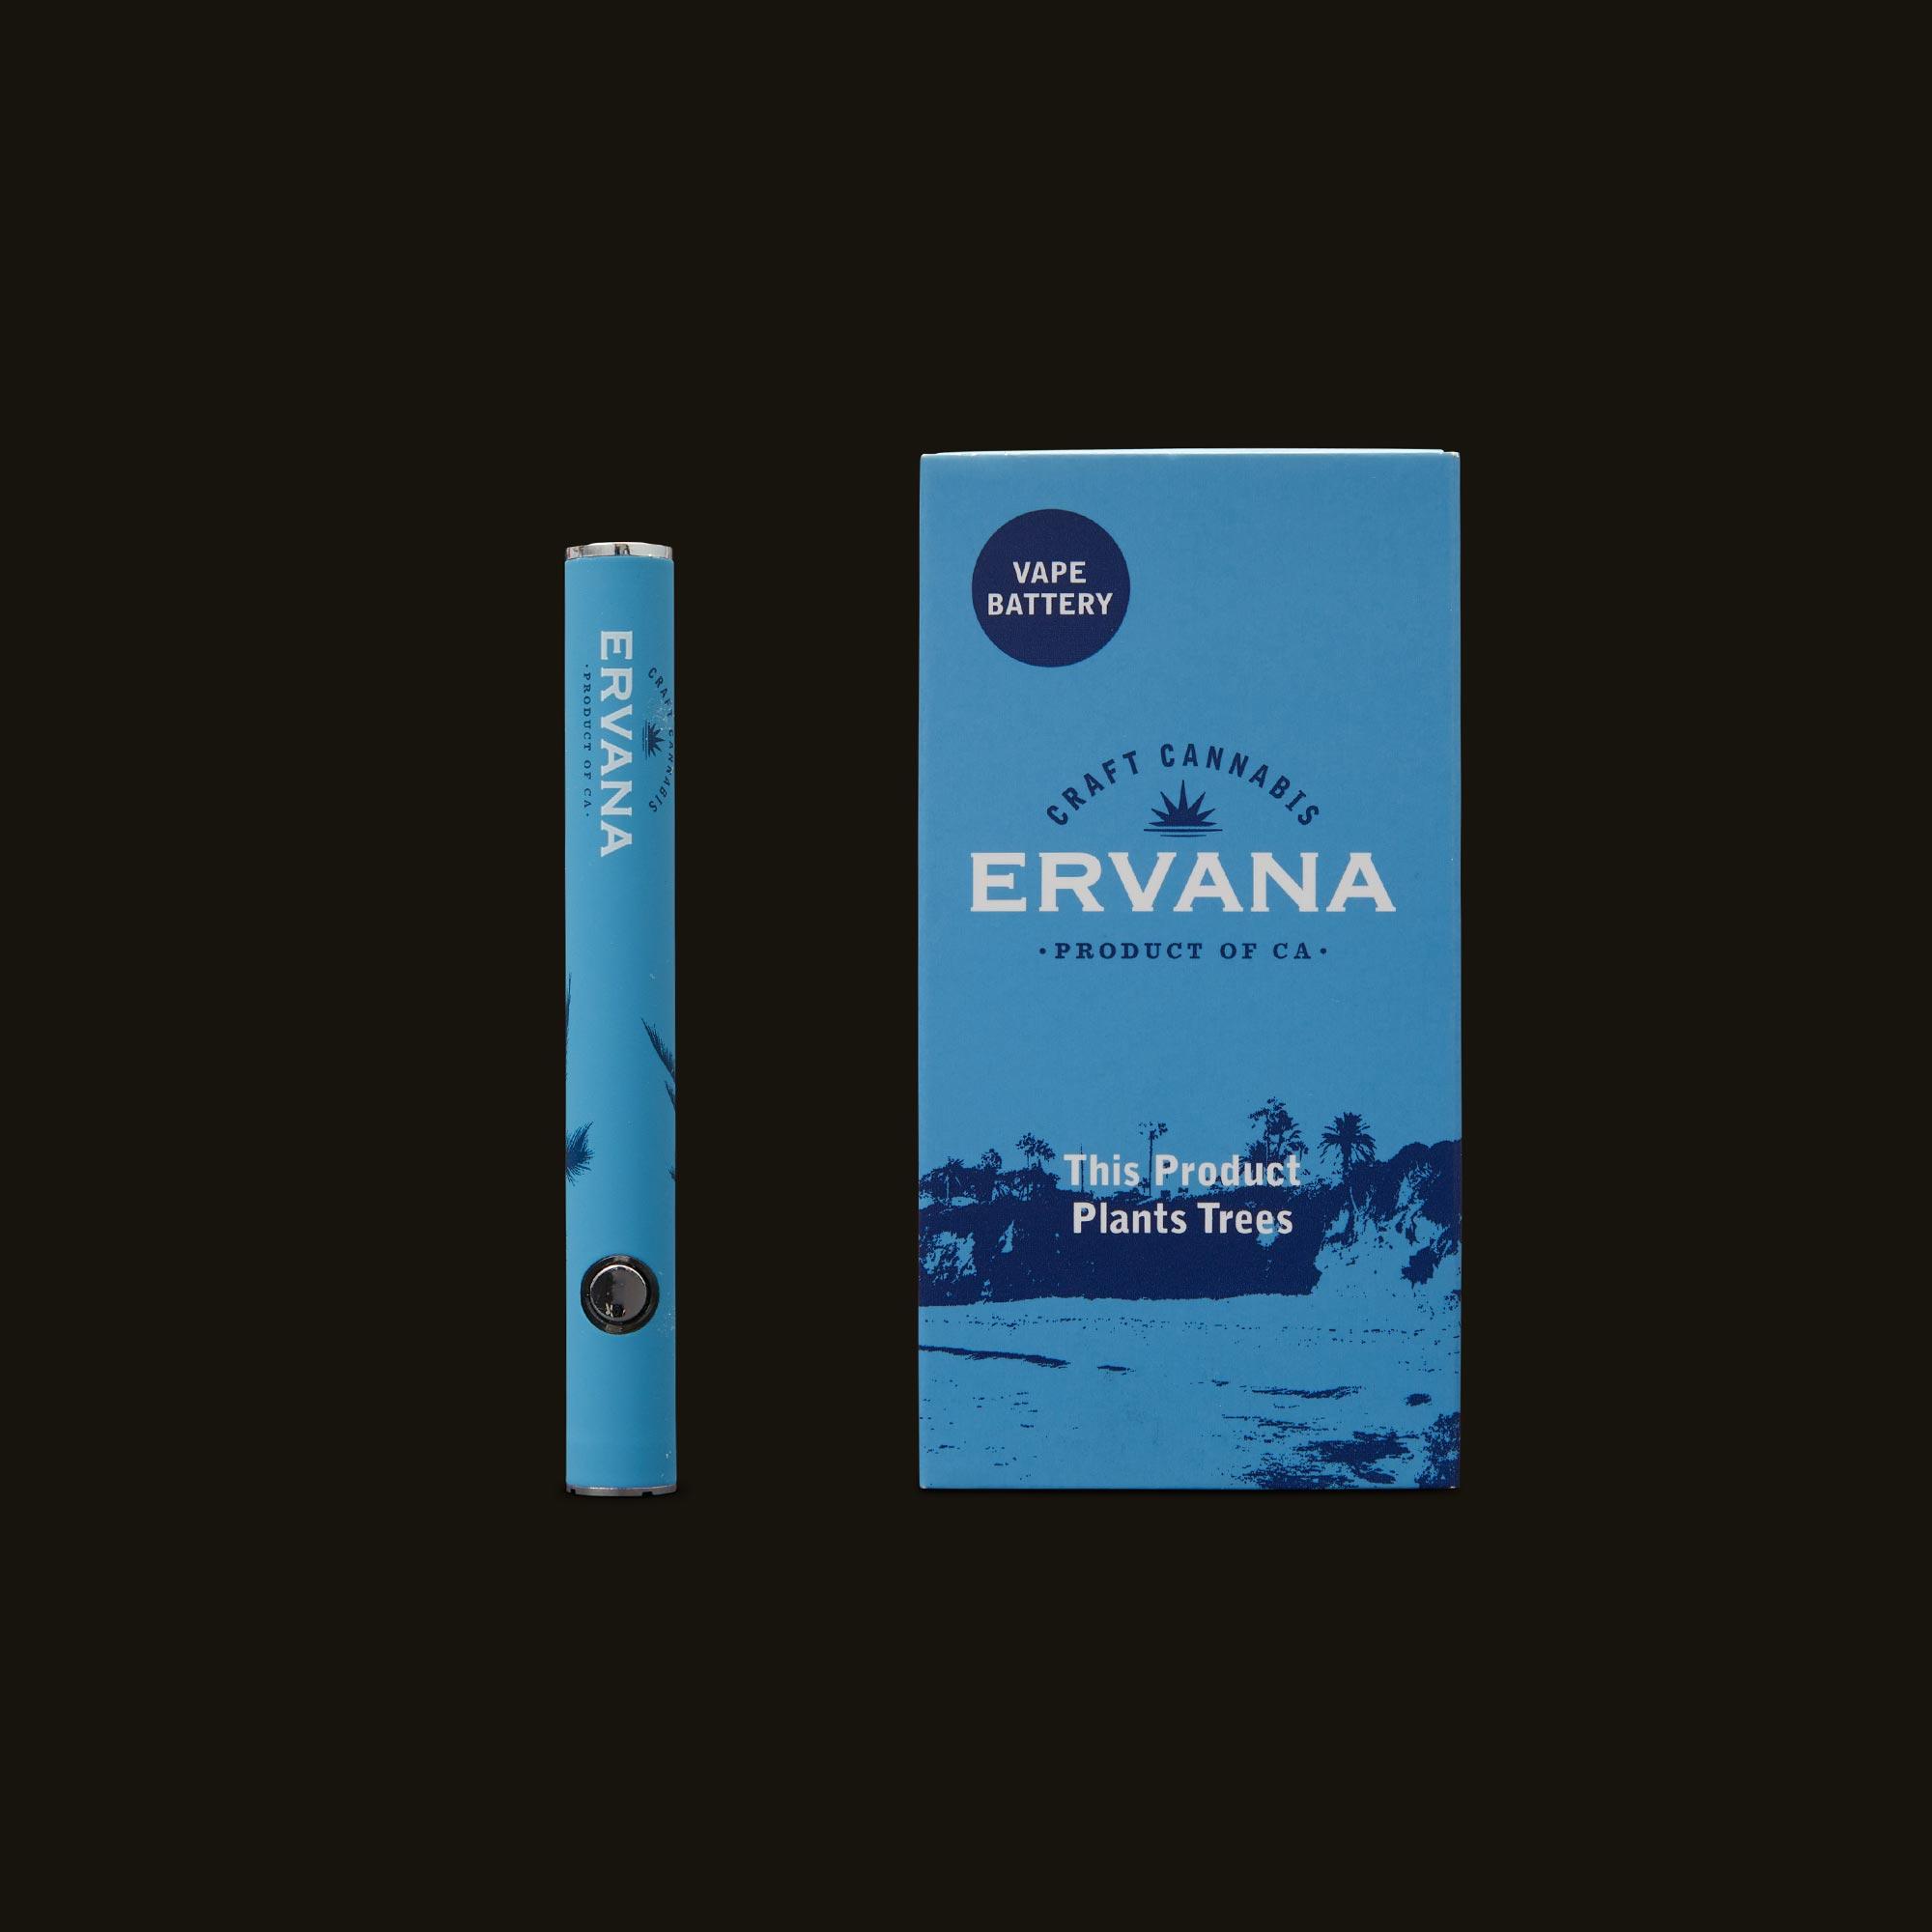 Ervana Vape Battery